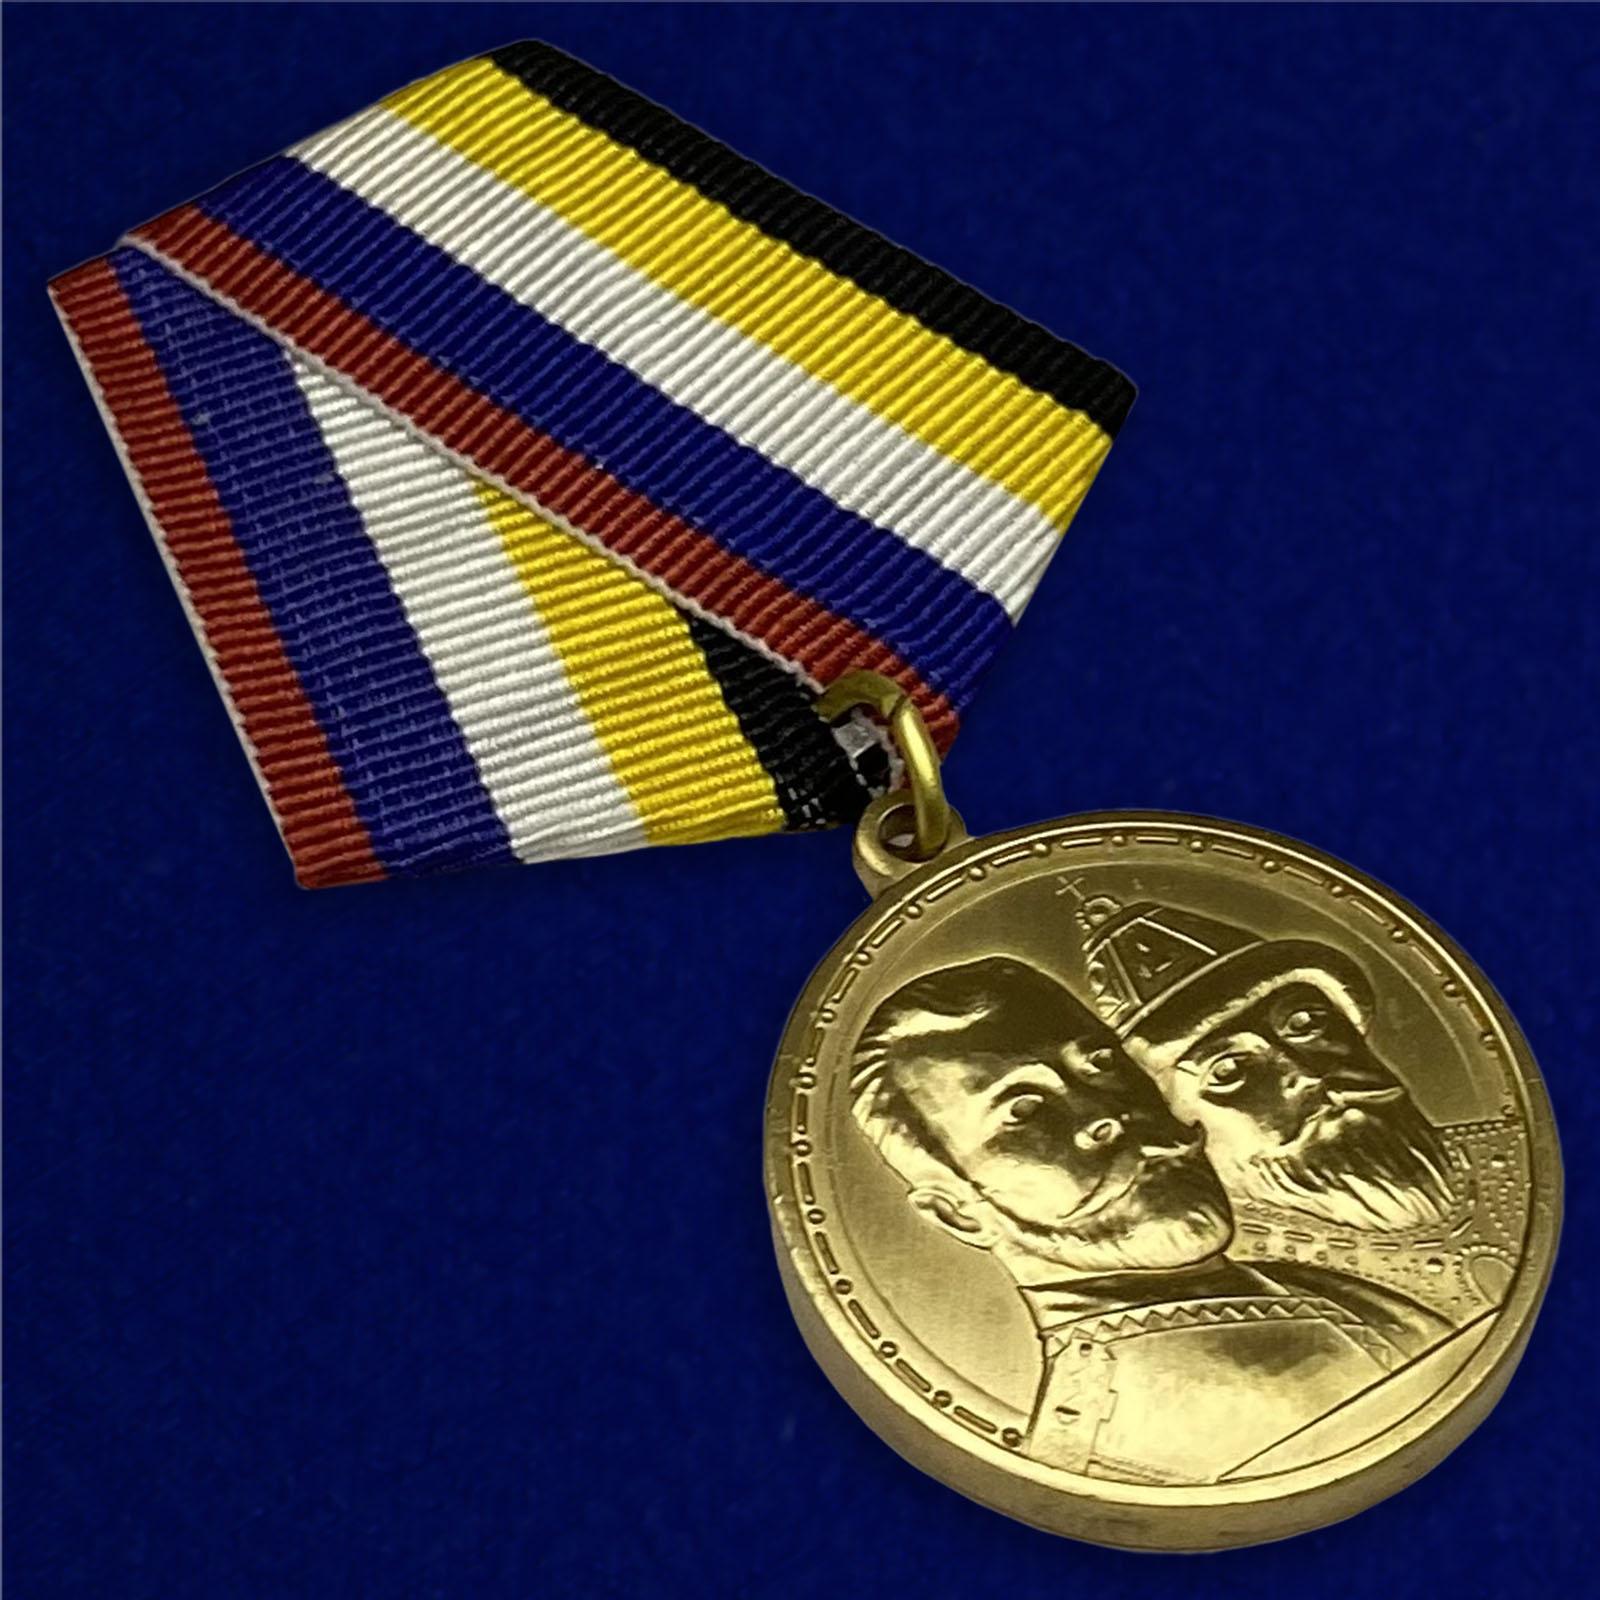 Памятная медаль 400 лет Дому Романовых - общий вид